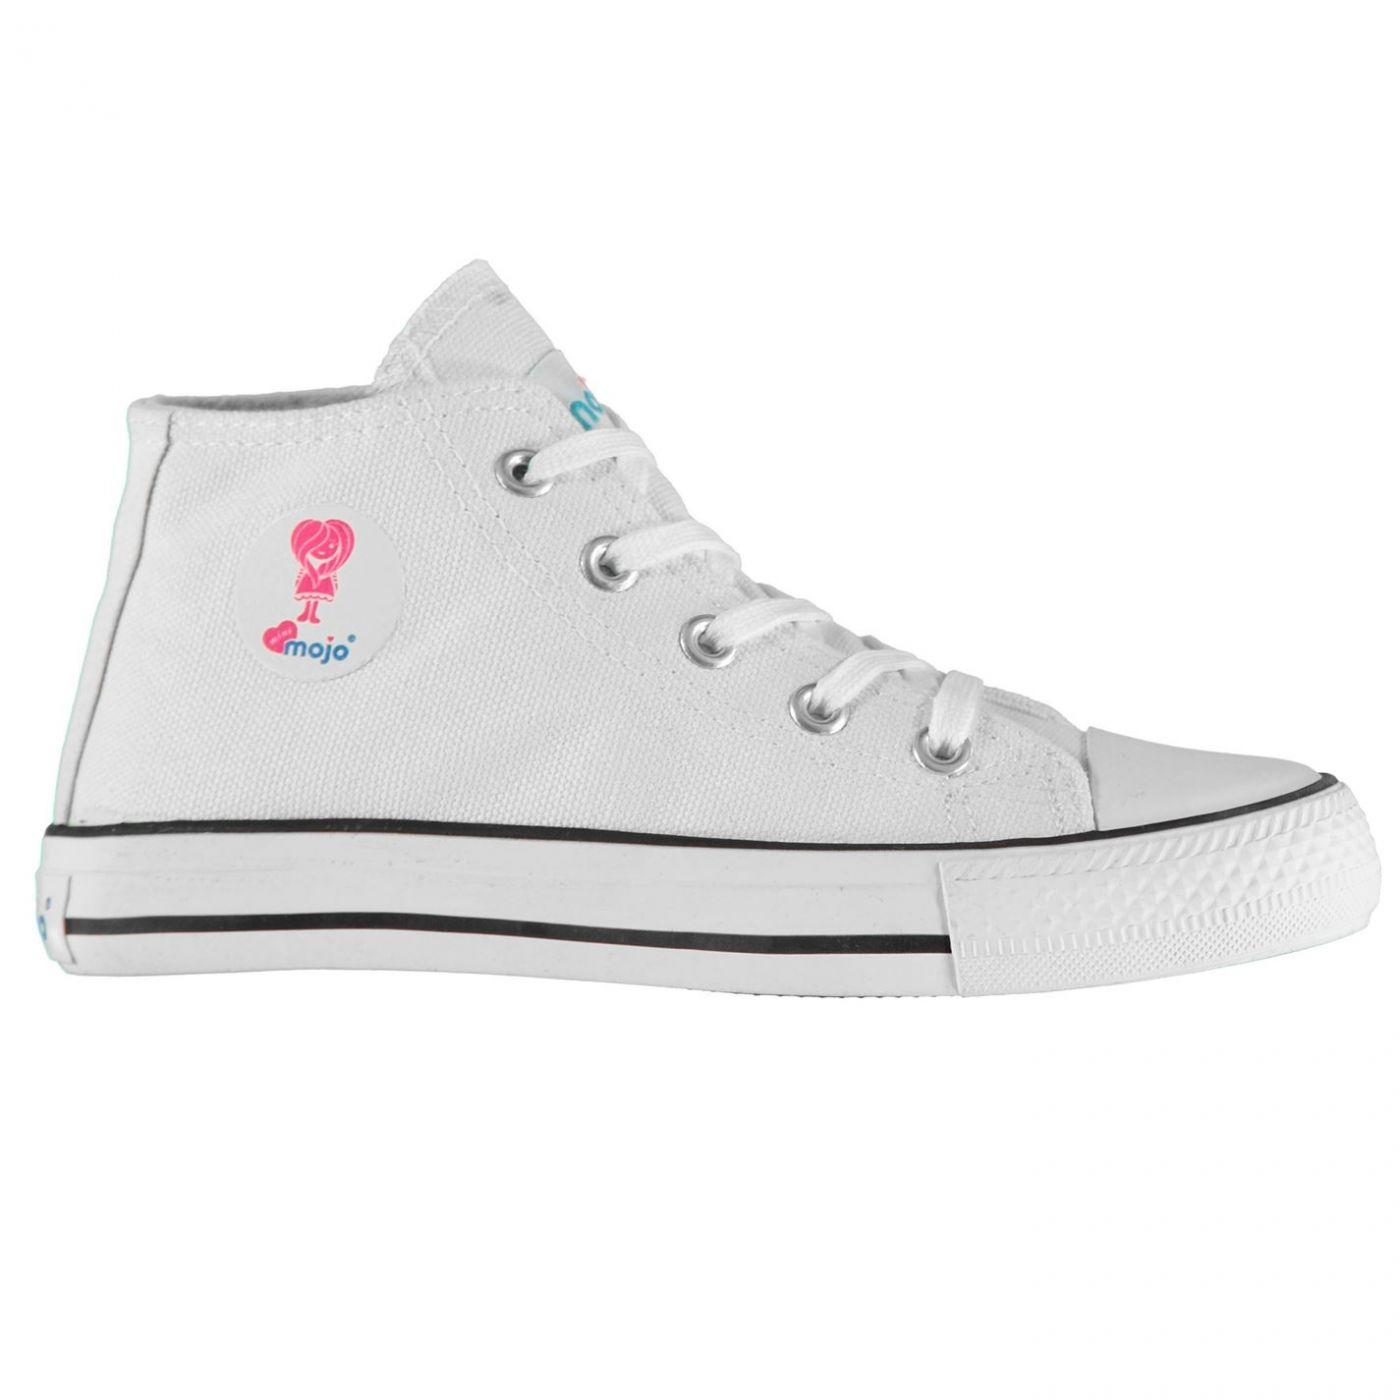 922baeba5cff Predaj skončil - MOJO Hi Top Childrens Canvas Shoes. Mojo Hi Top dětské plátěné  boty ...